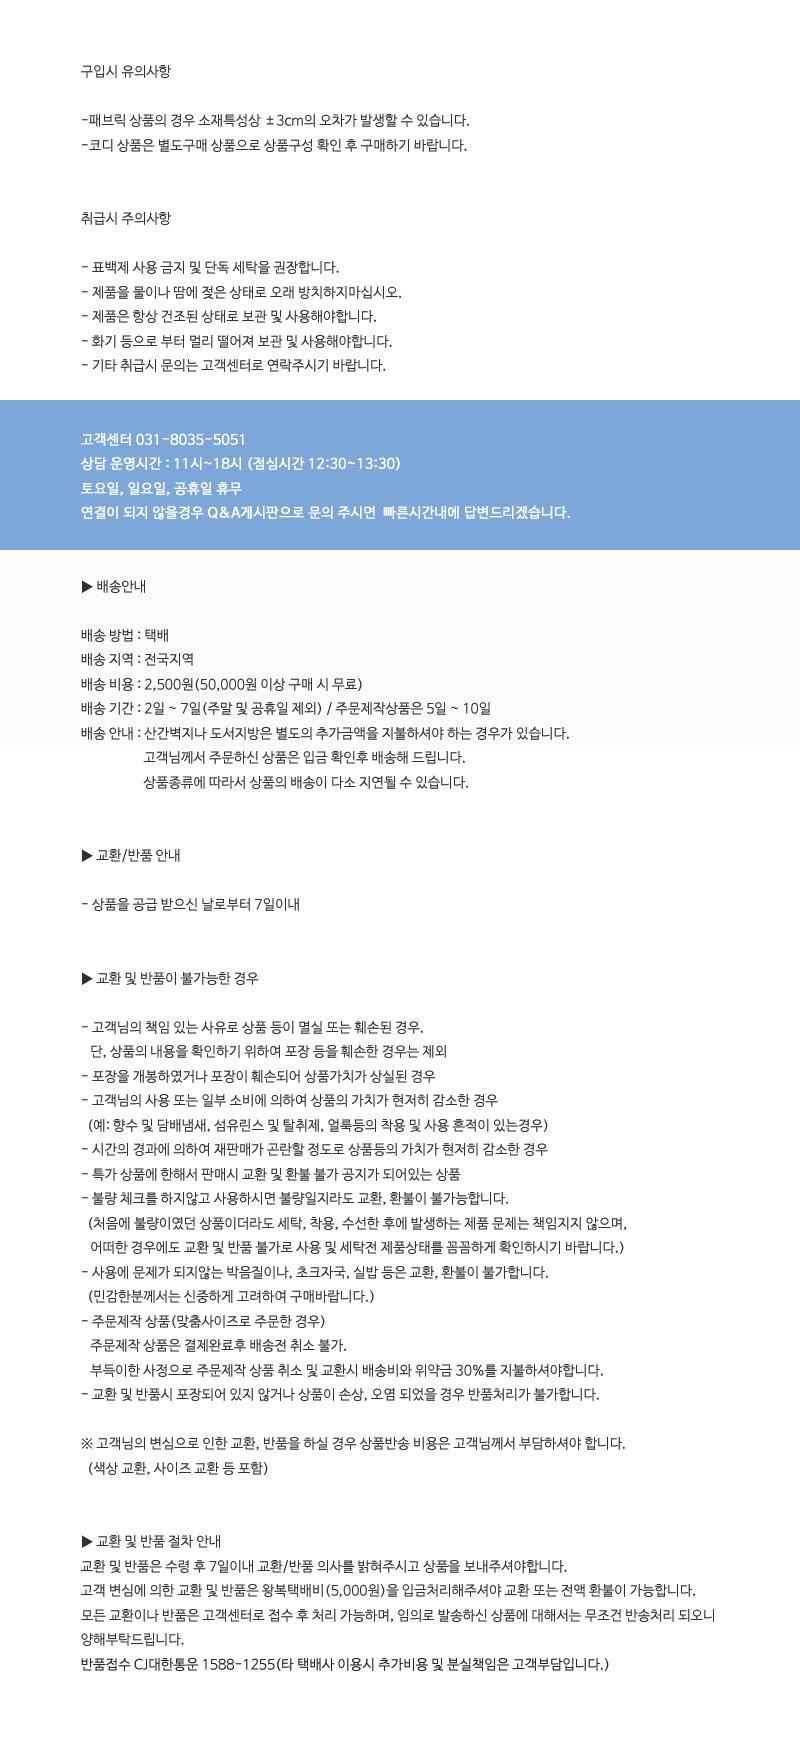 사막 선인장 티슈커버 - 나블, 9,000원, 장식소품, 휴지/티슈케이스